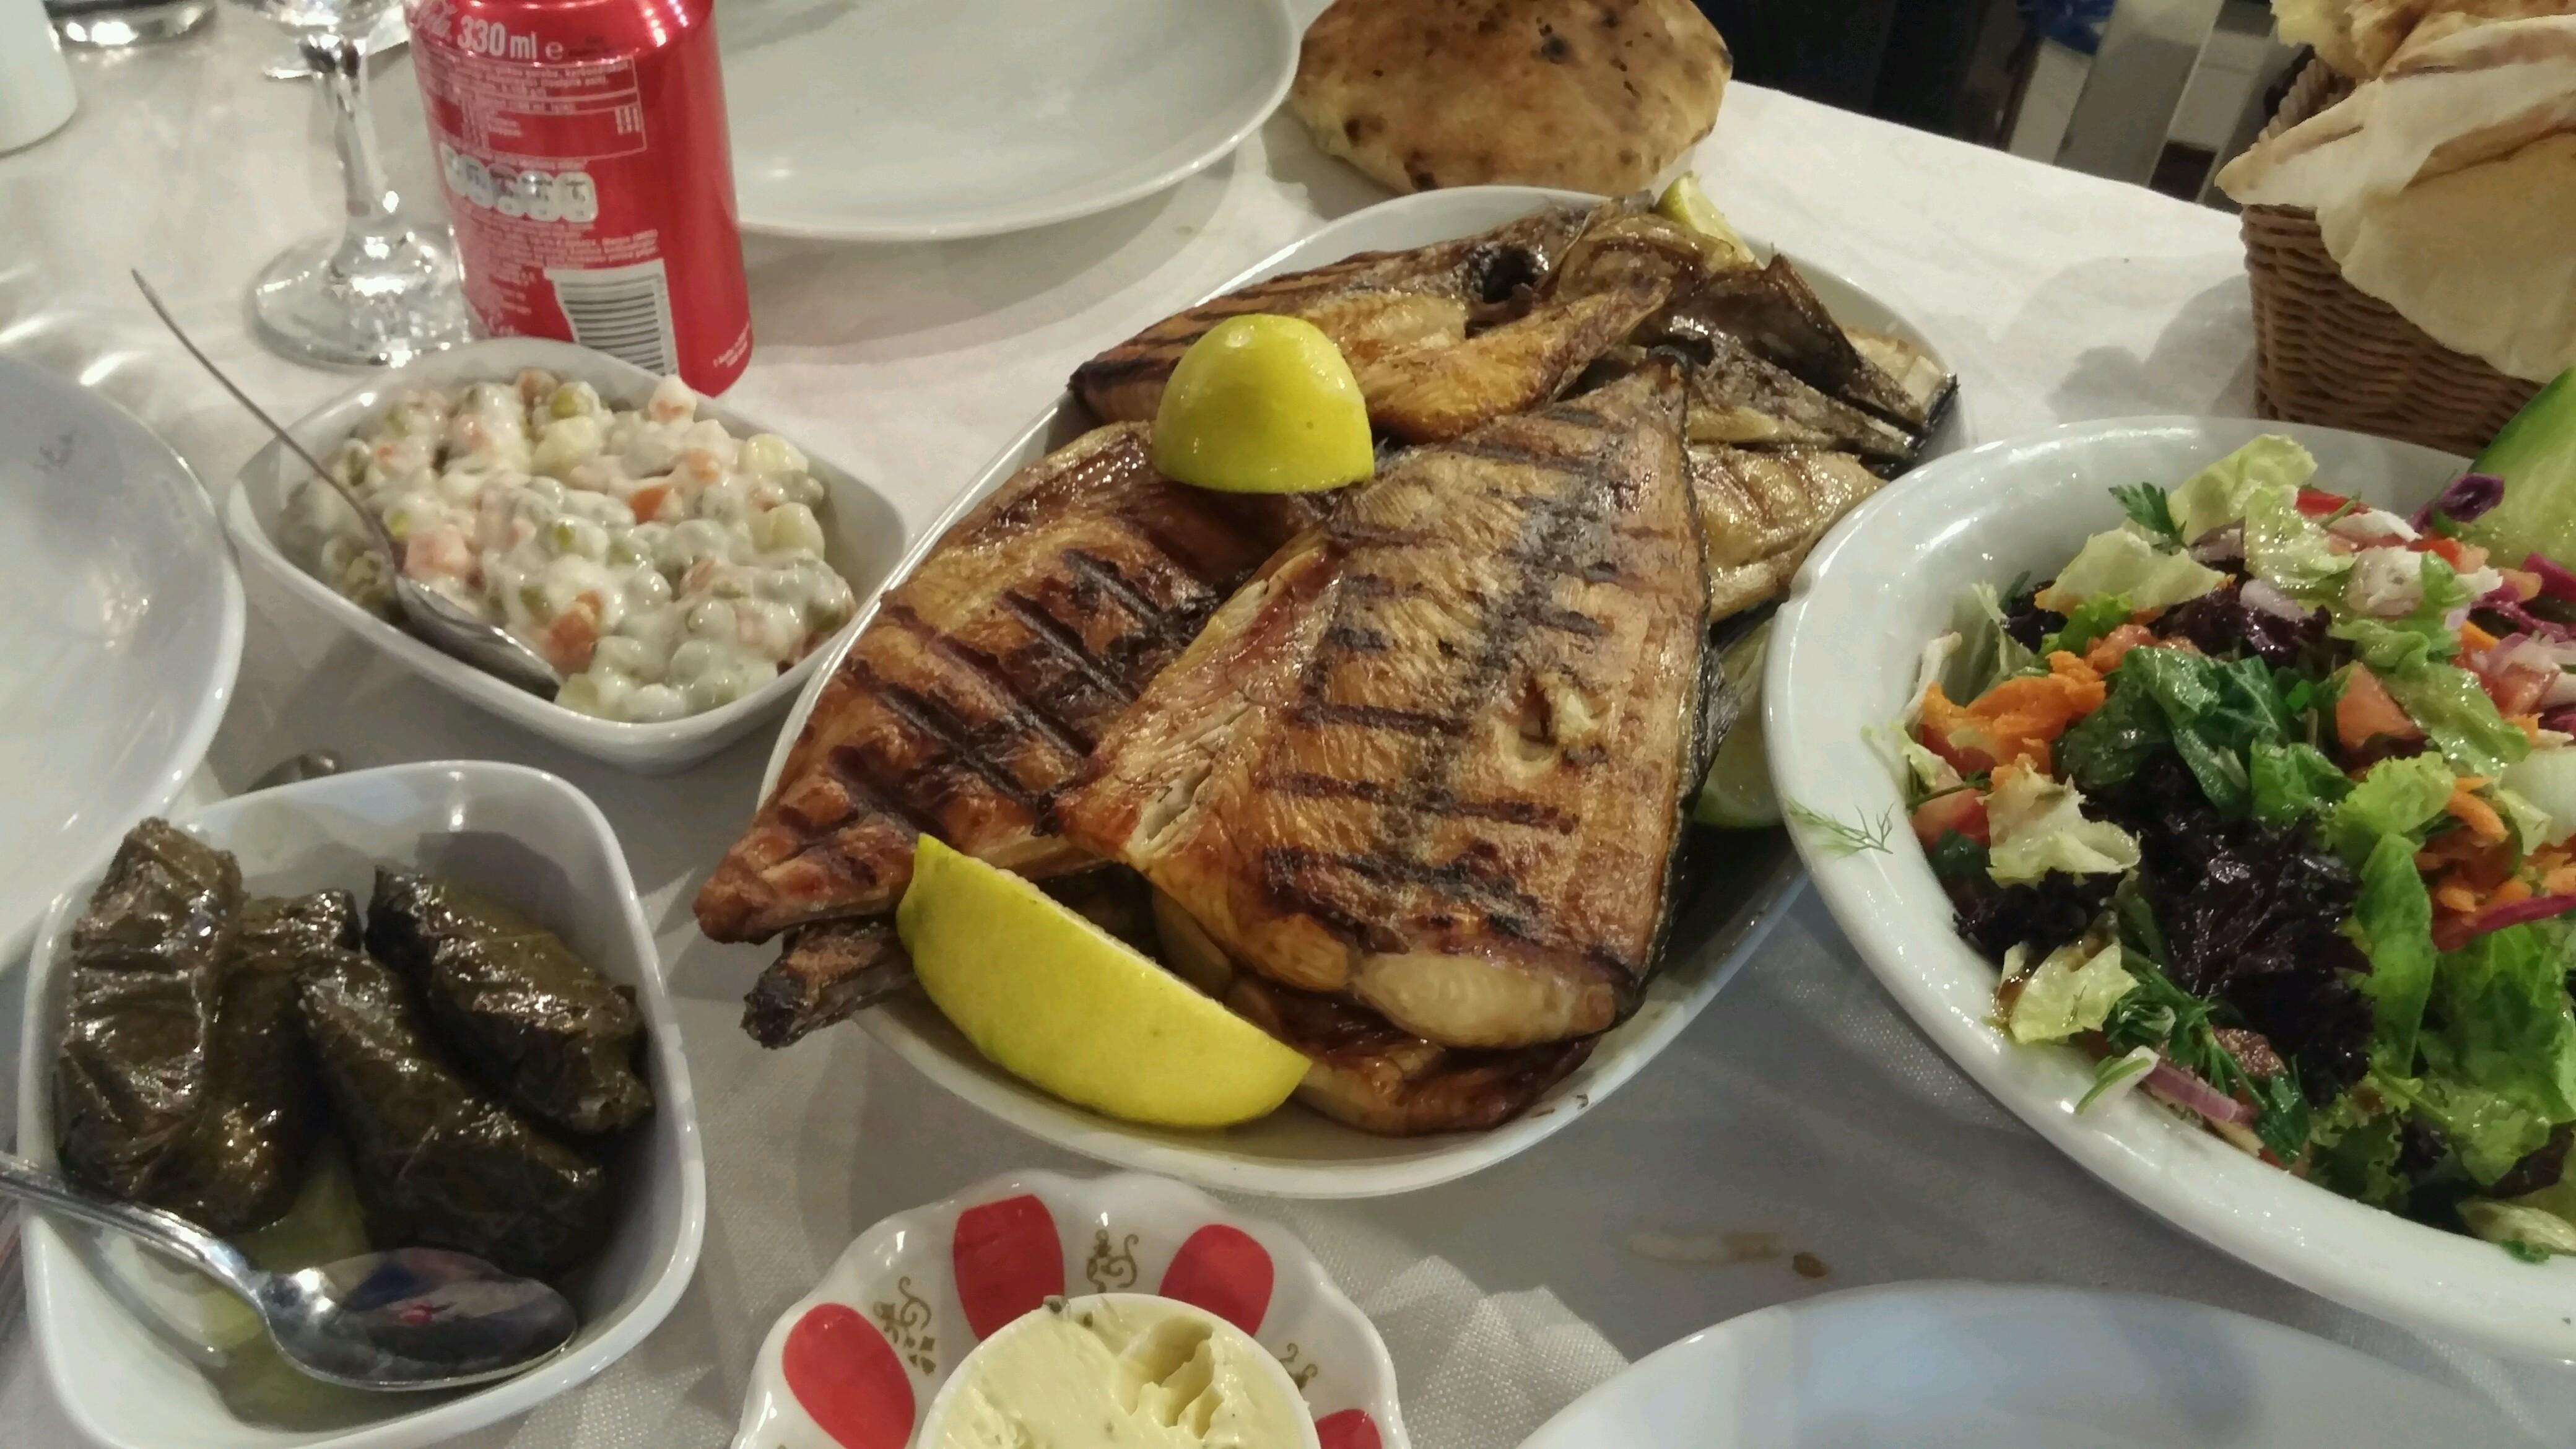 Reis Balıkçılık Restaurant   Cumhuriyet Belediye Caddesi, 48300 Fethiye/Muğla   +90 252 612 53 68